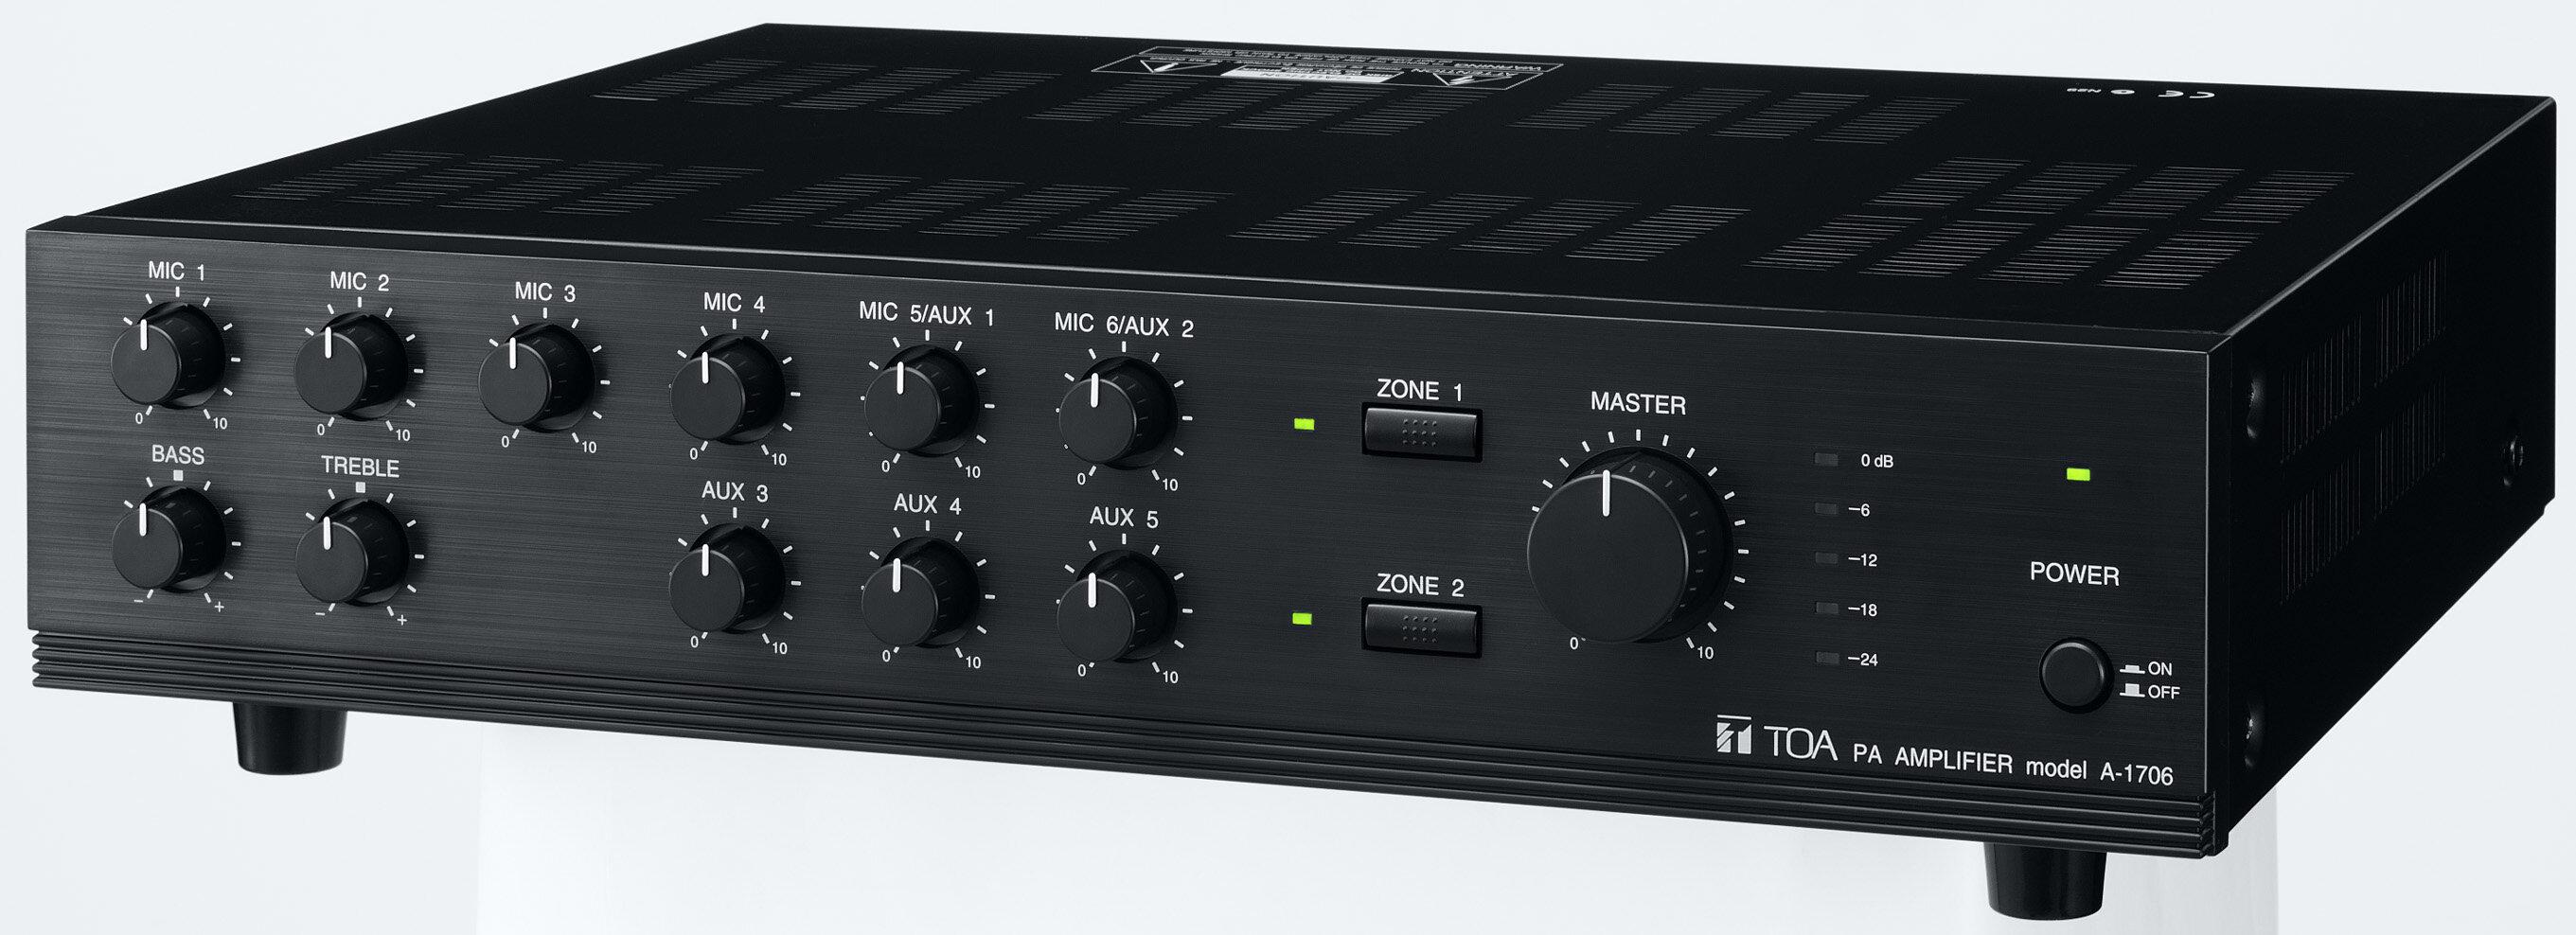 TOA A-1706 1700 Series 60 Watt Mixer Amplifier, 9 Input, 2 Zone